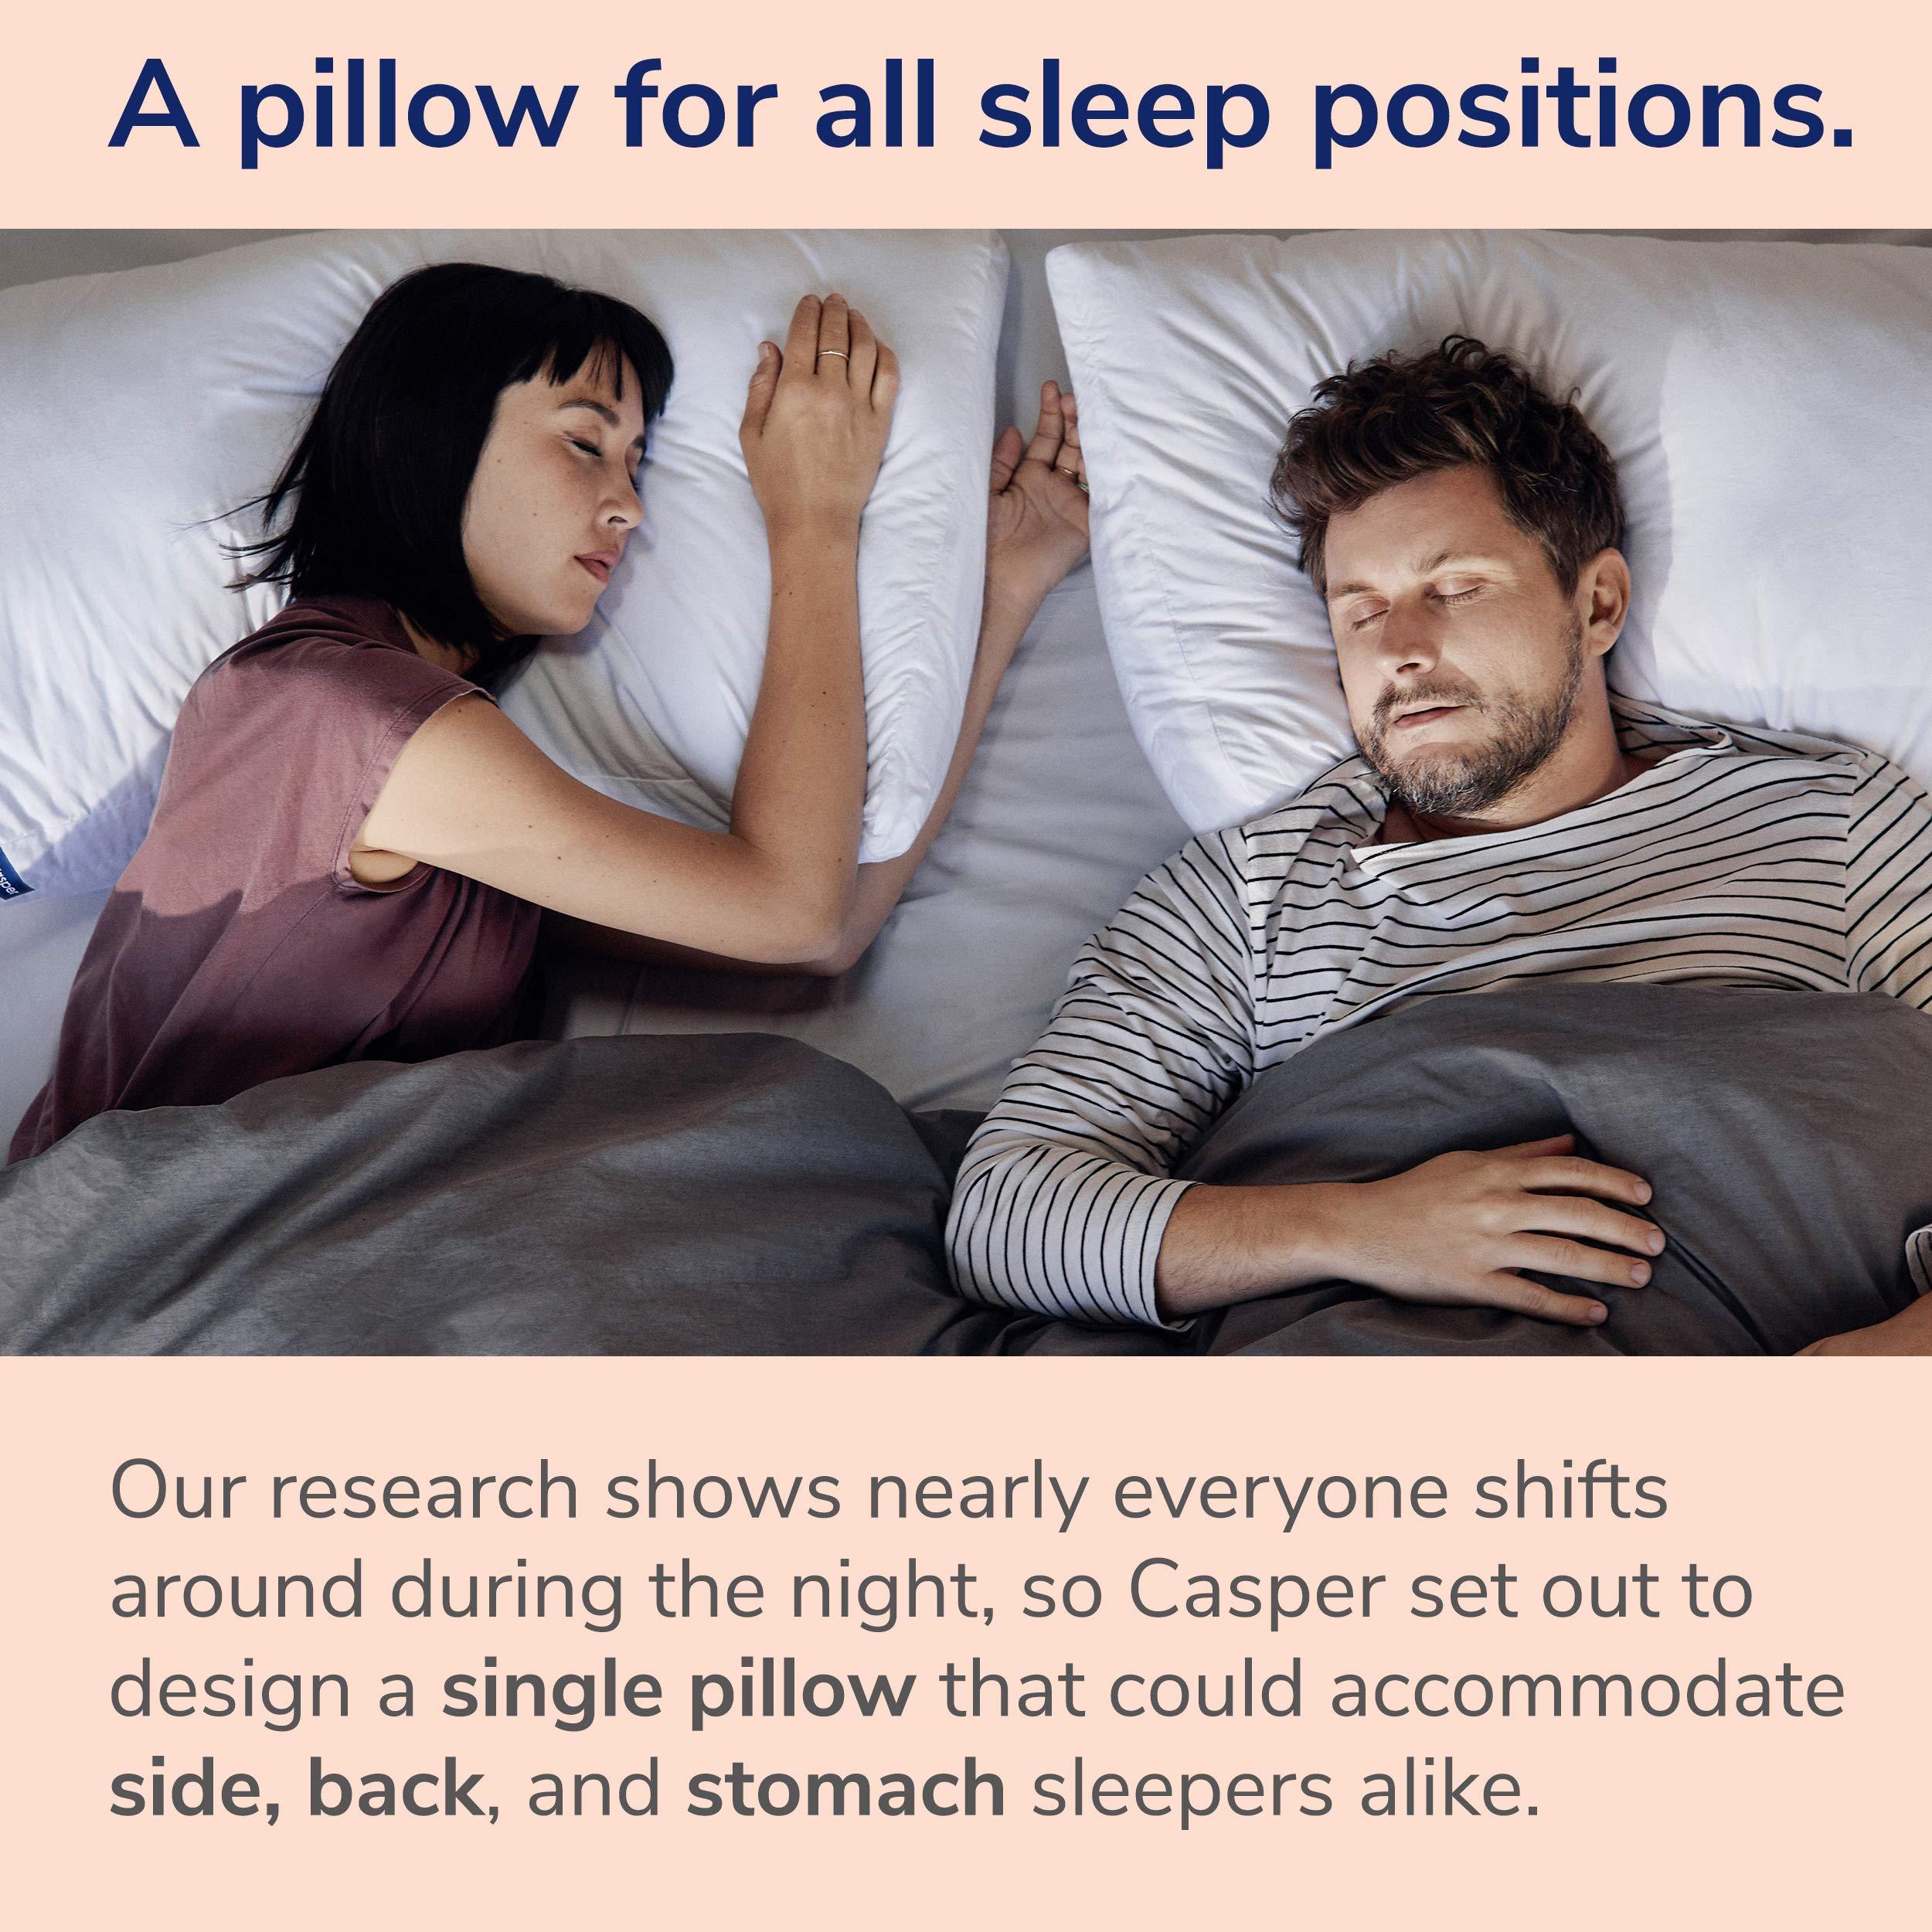 Casper Pillow for Sleeping, Standard, White by Casper Sleep (Image #6)